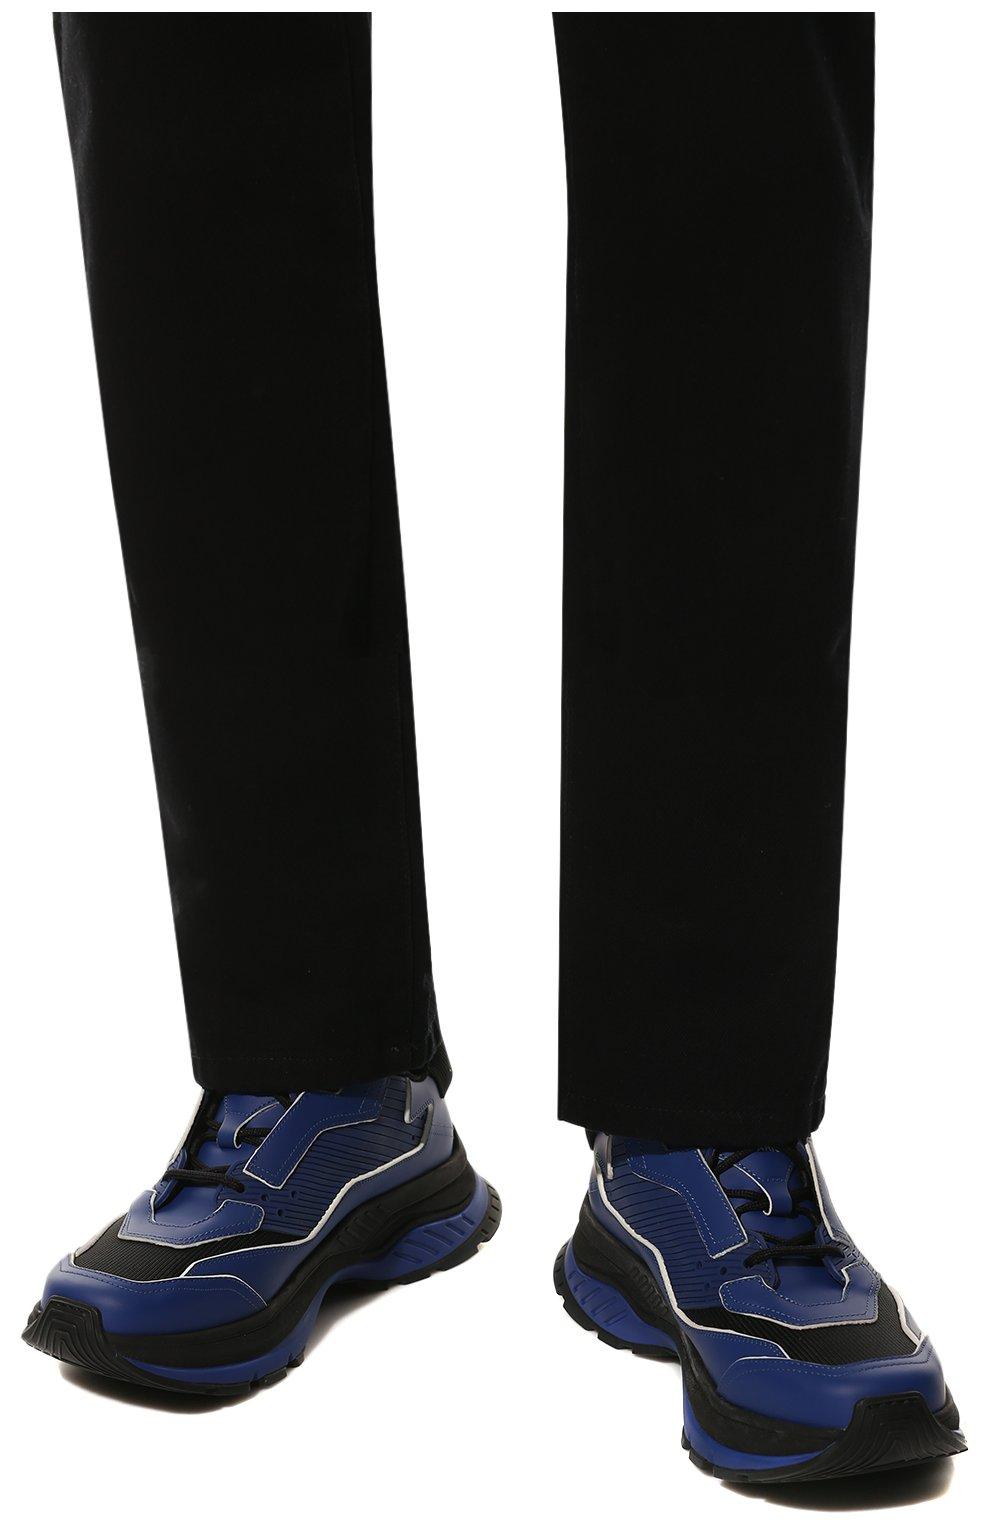 Мужские кожаные кроссовки BERLUTI синего цвета, арт. S4781-002 | Фото 3 (Материал внешний: Текстиль, Кожа; Материал внутренний: Натуральная кожа, Текстиль; Стили: Гранж; Статус проверки: Проверено, Проверена категория; Подошва: Массивная)